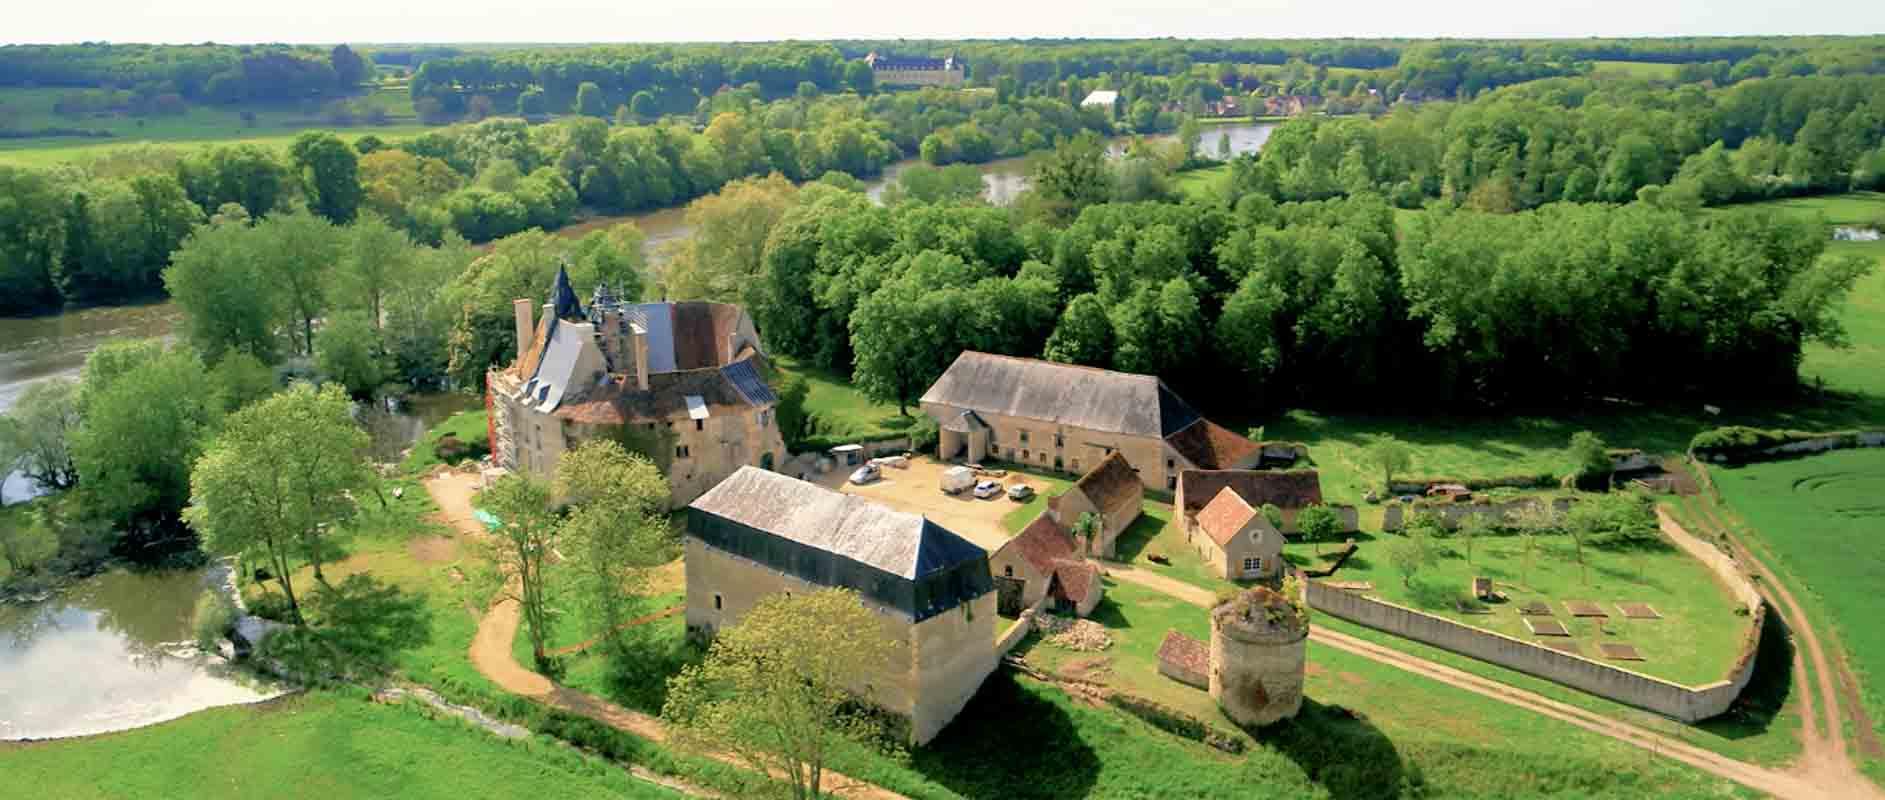 chateau de Meauce Nièvre film aérien drone